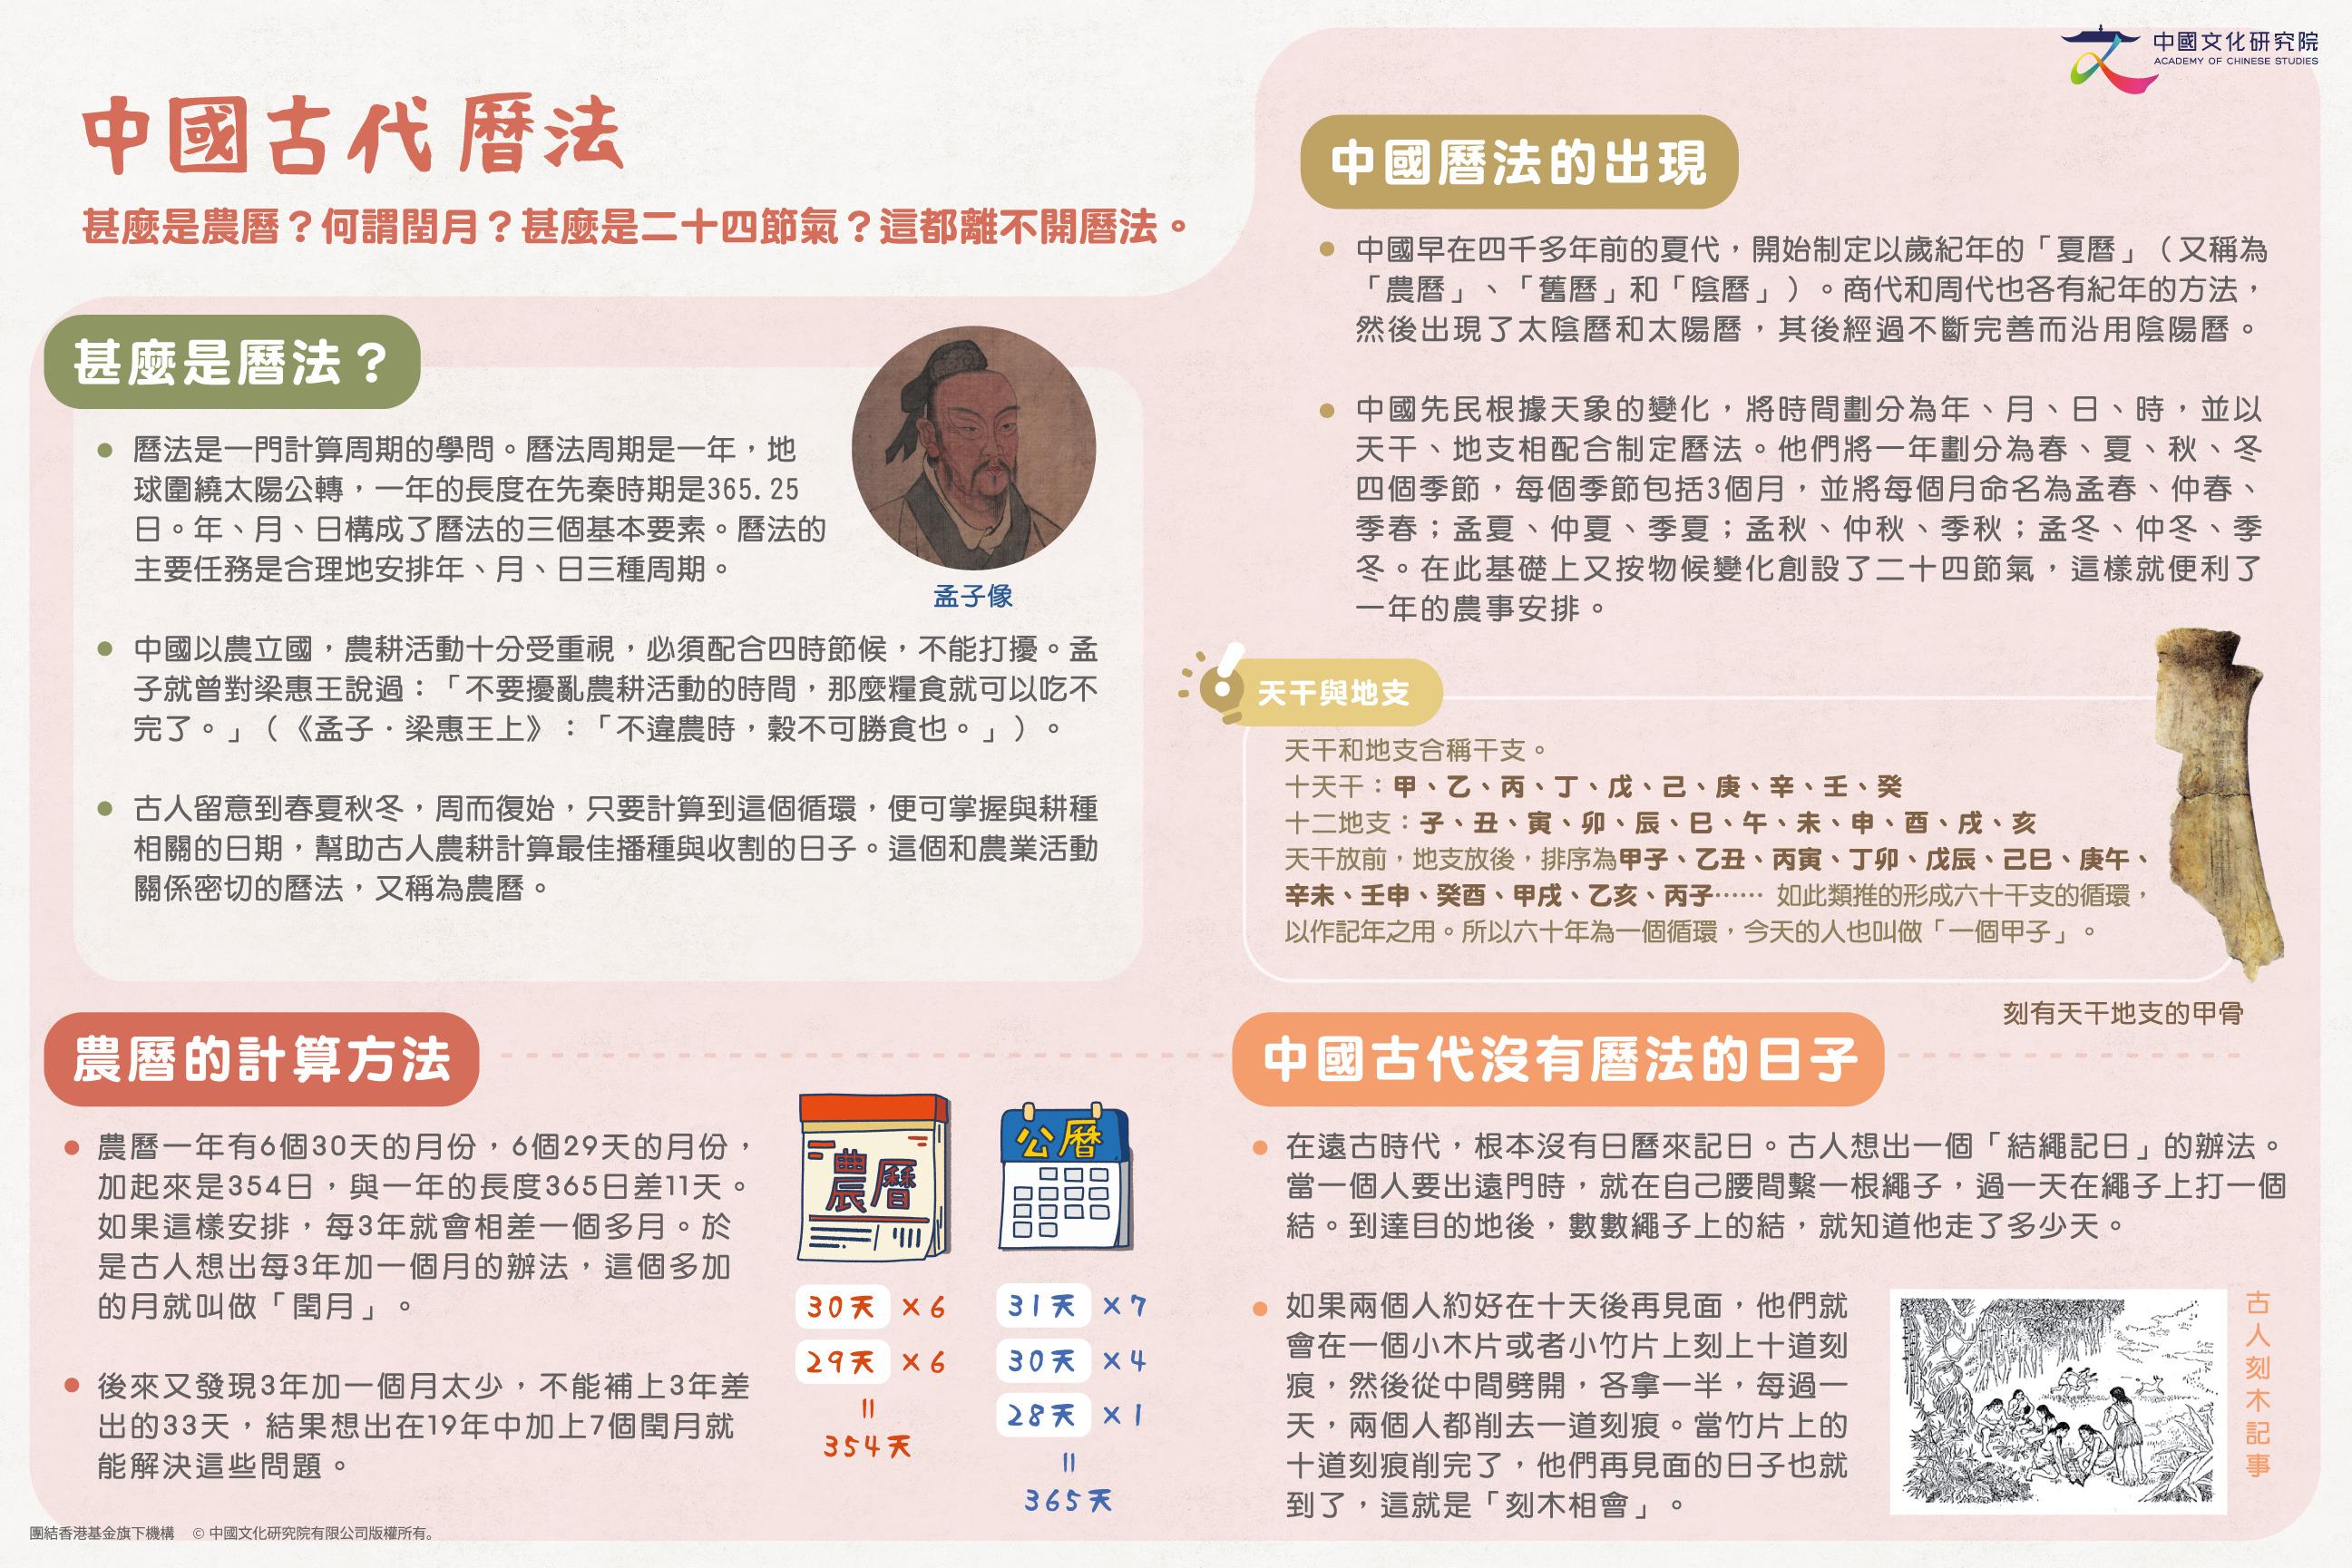 zhongguogudailifayuershisijieqi-0102_v2_deb0817-01